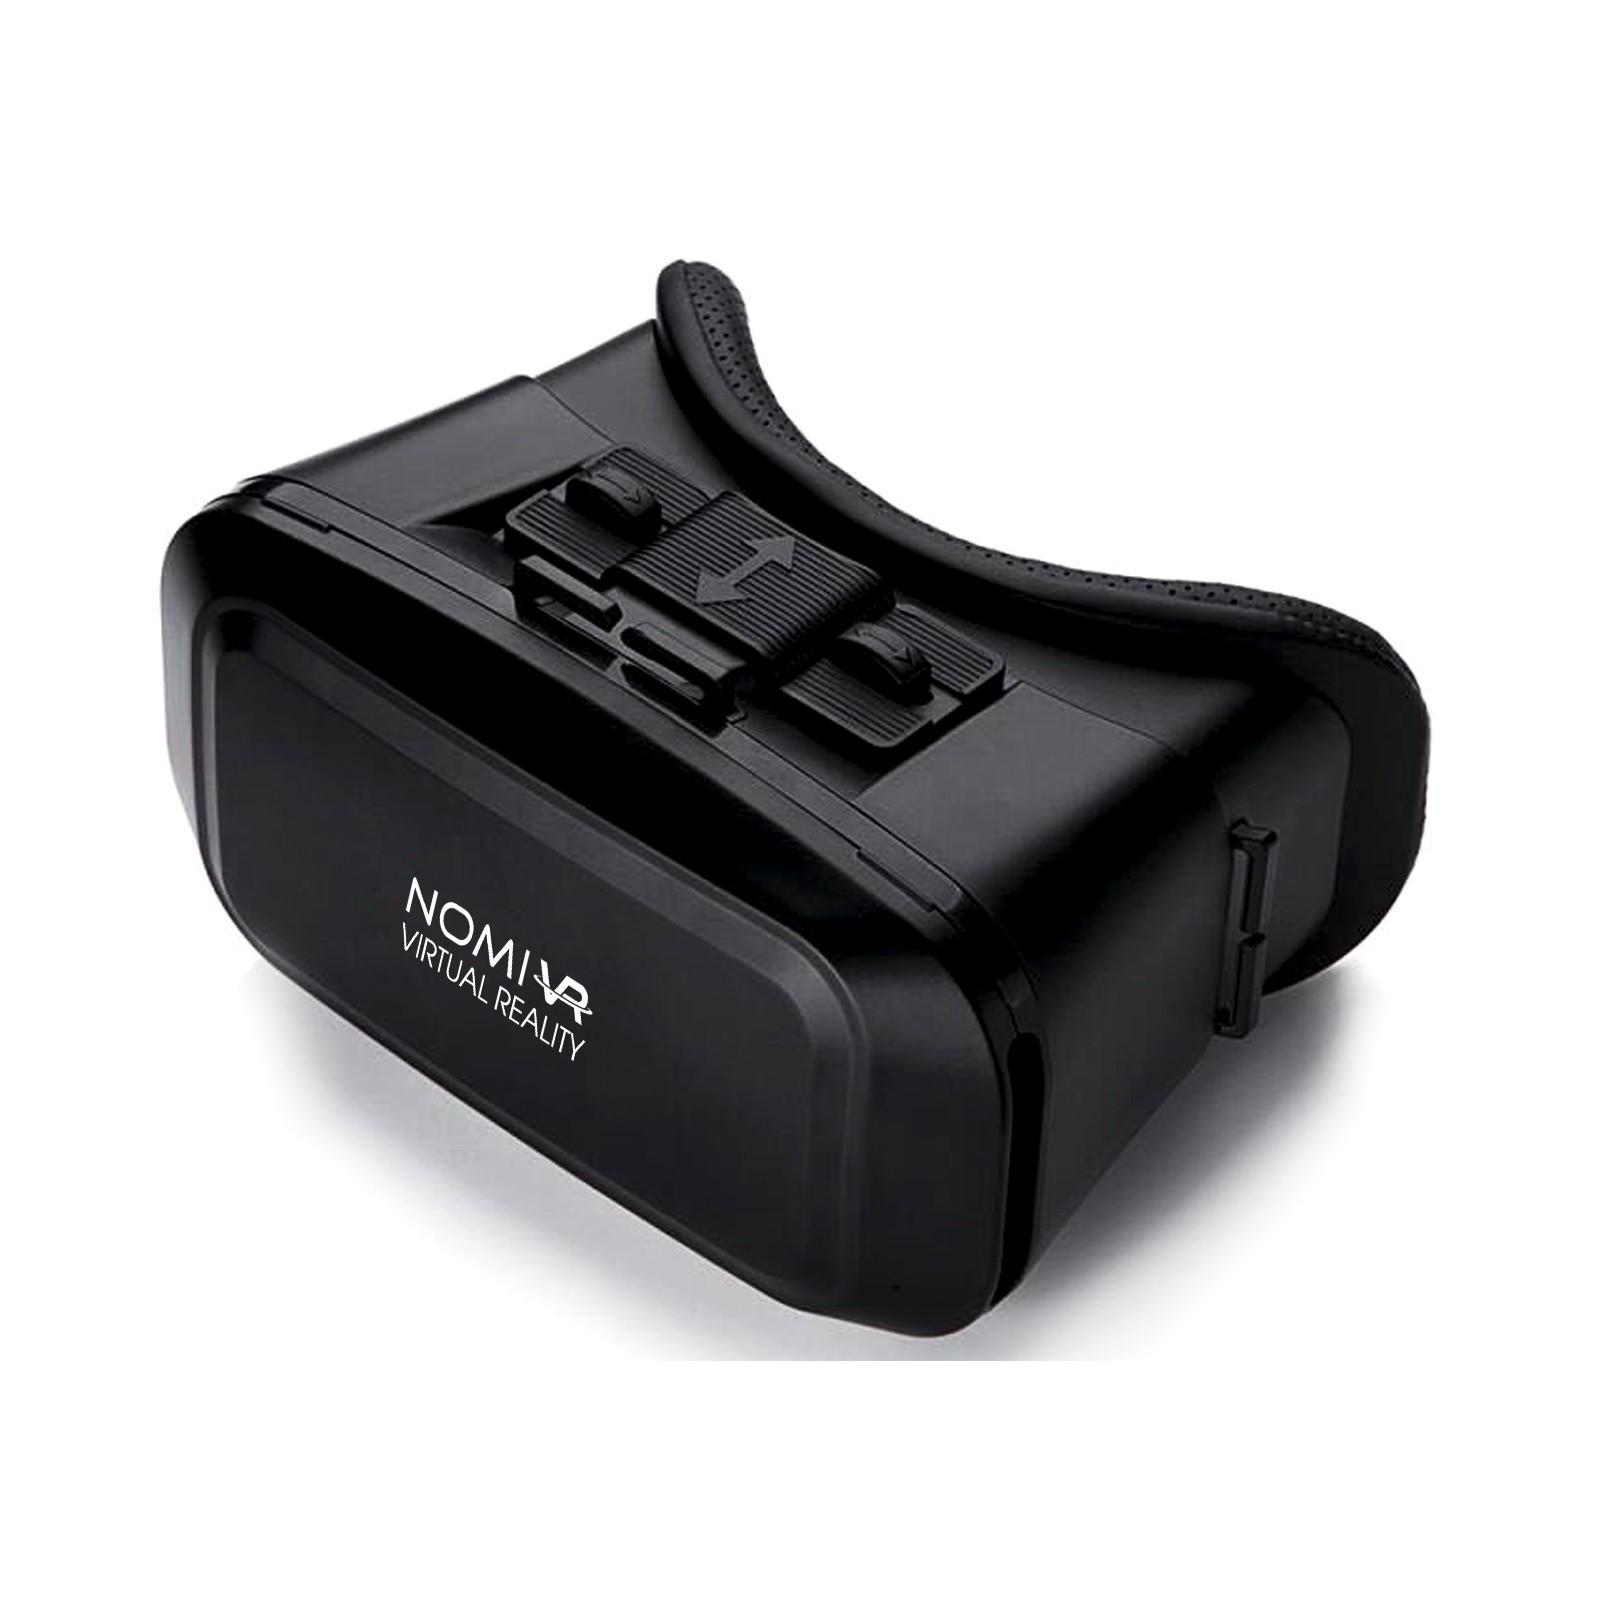 Окуляри віртуальної реальності Nomi VR Box 2 ціни в Києві та Українi ... 18540b6d6799e